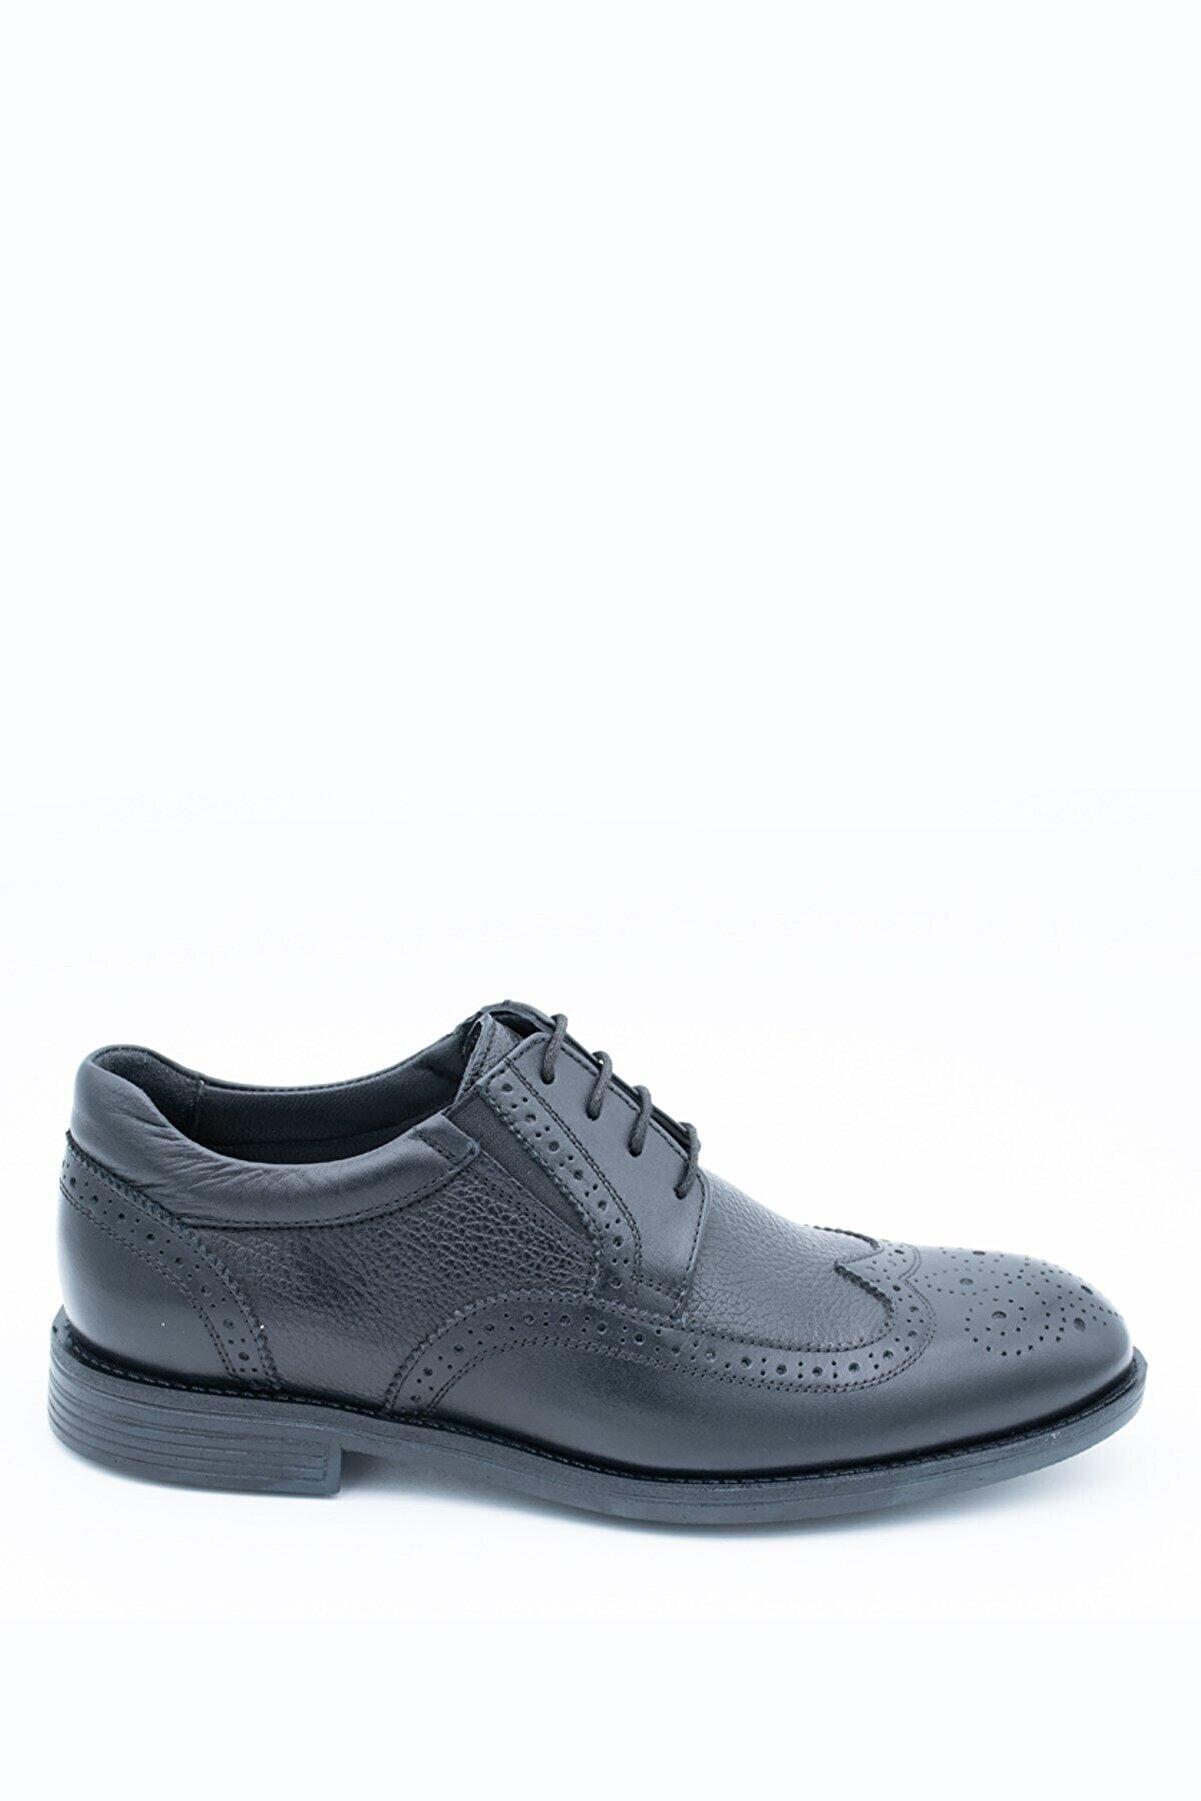 İgs Erkek Siyah Deri Günlük Ayakkabı I197057-1 M 1000